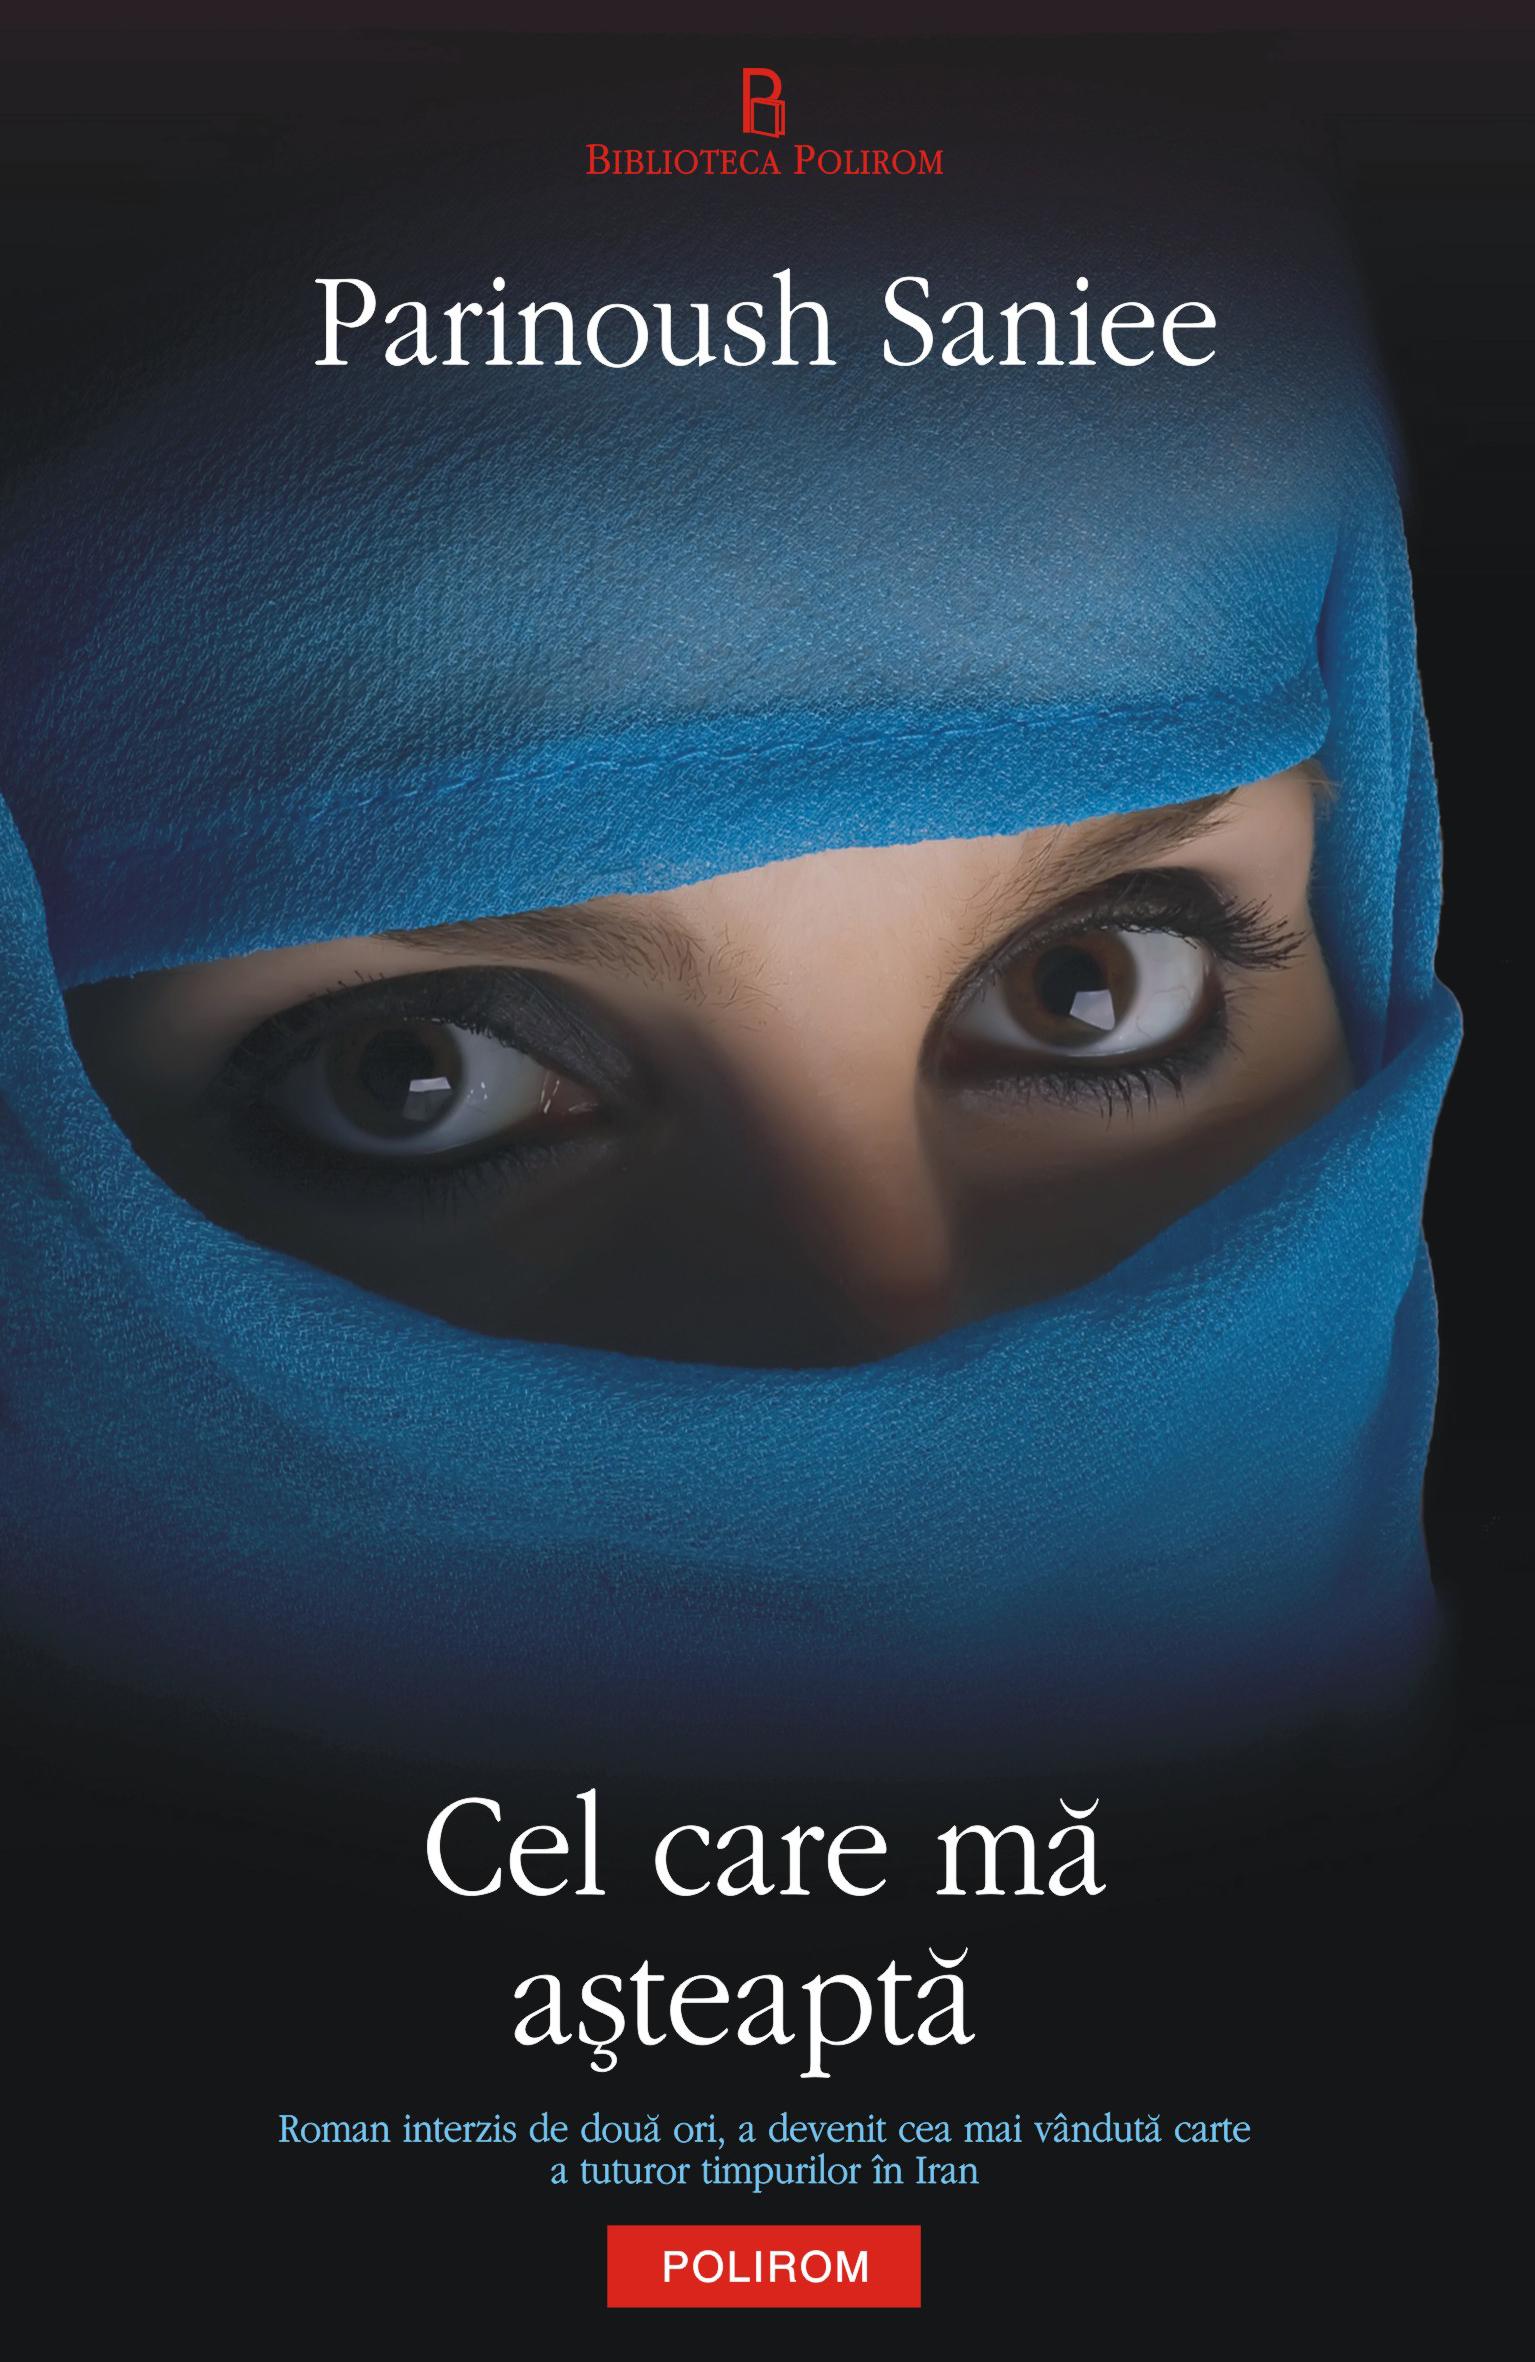 Cea mai vîndută carte a tuturor timpurilor în Iran, acum în România